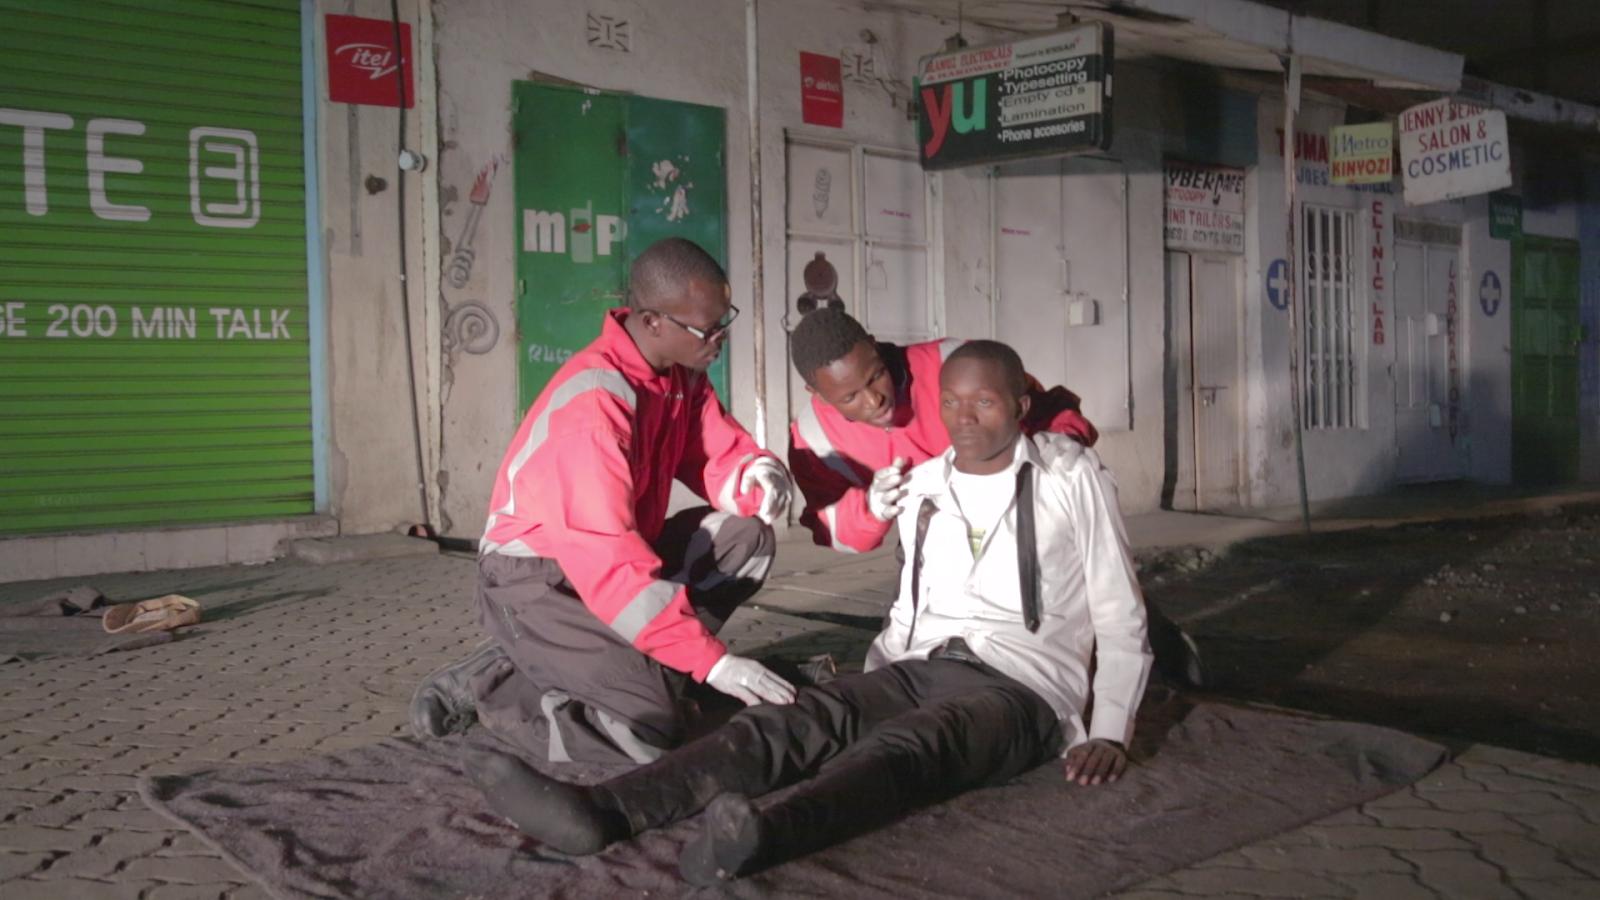 SEEGLOBE SHOOTING WITH KENYA REDCROSS RAISED FILM STANDARDS